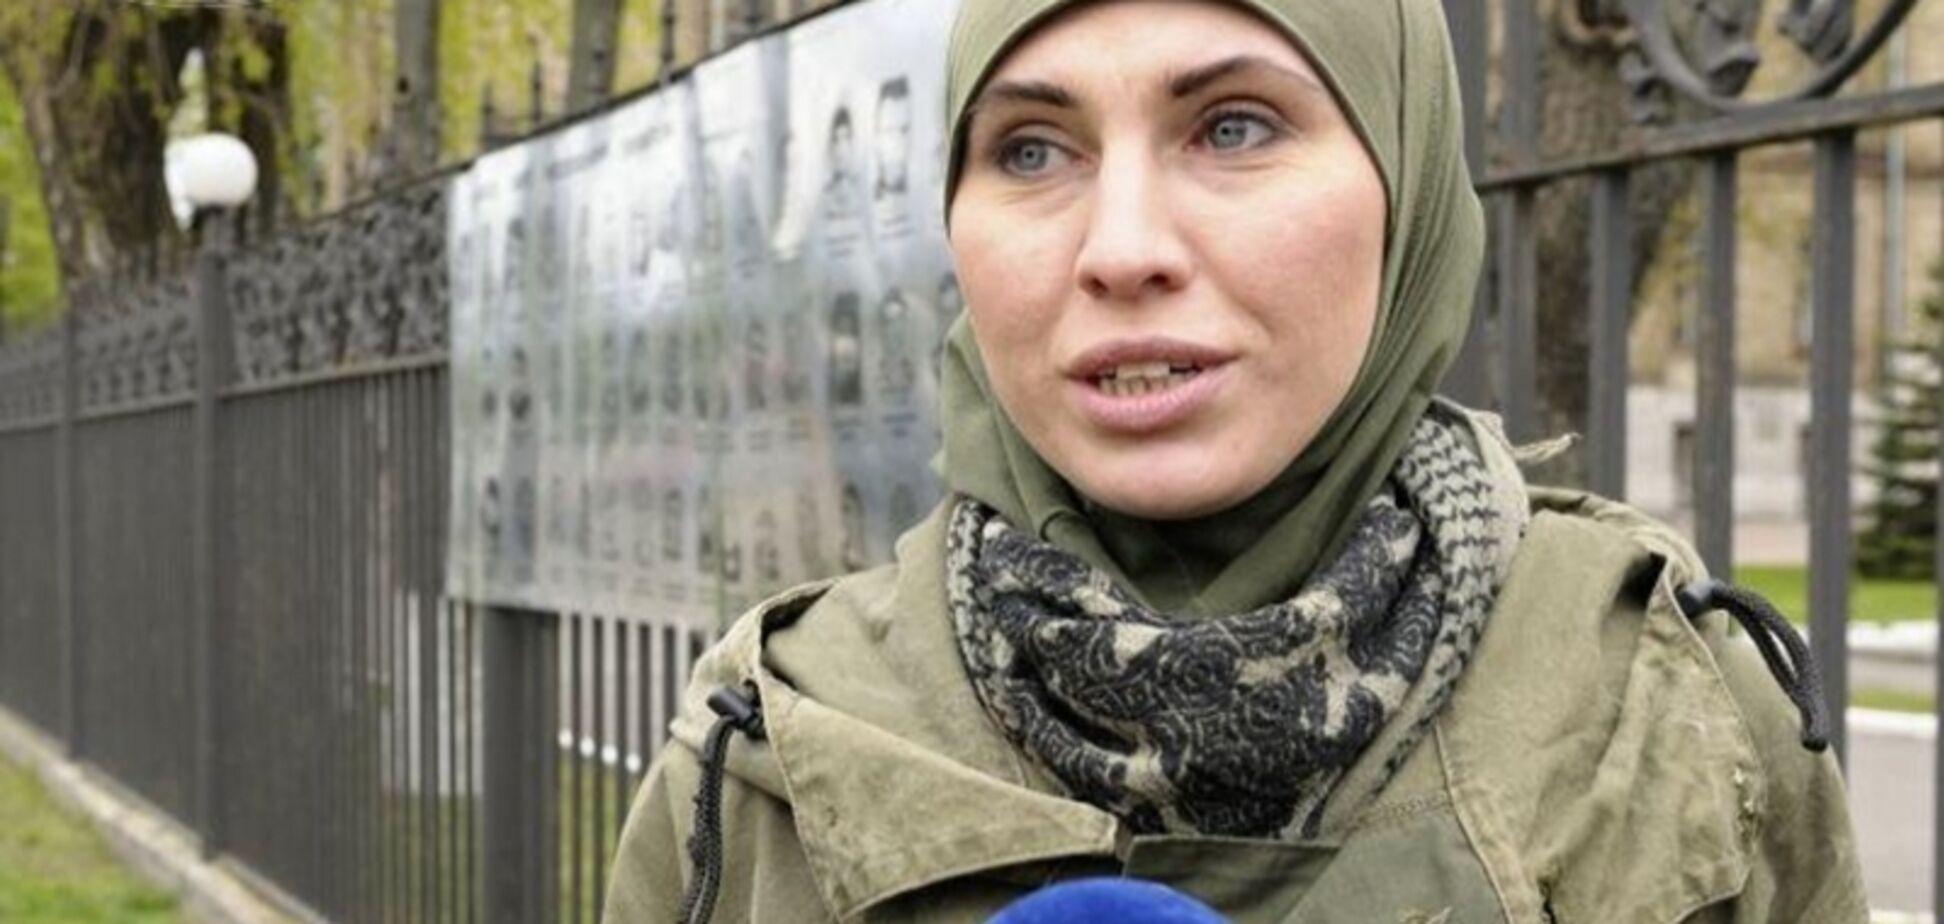 Выстрелом в голову: появились подробности убийства Амины Окуевой